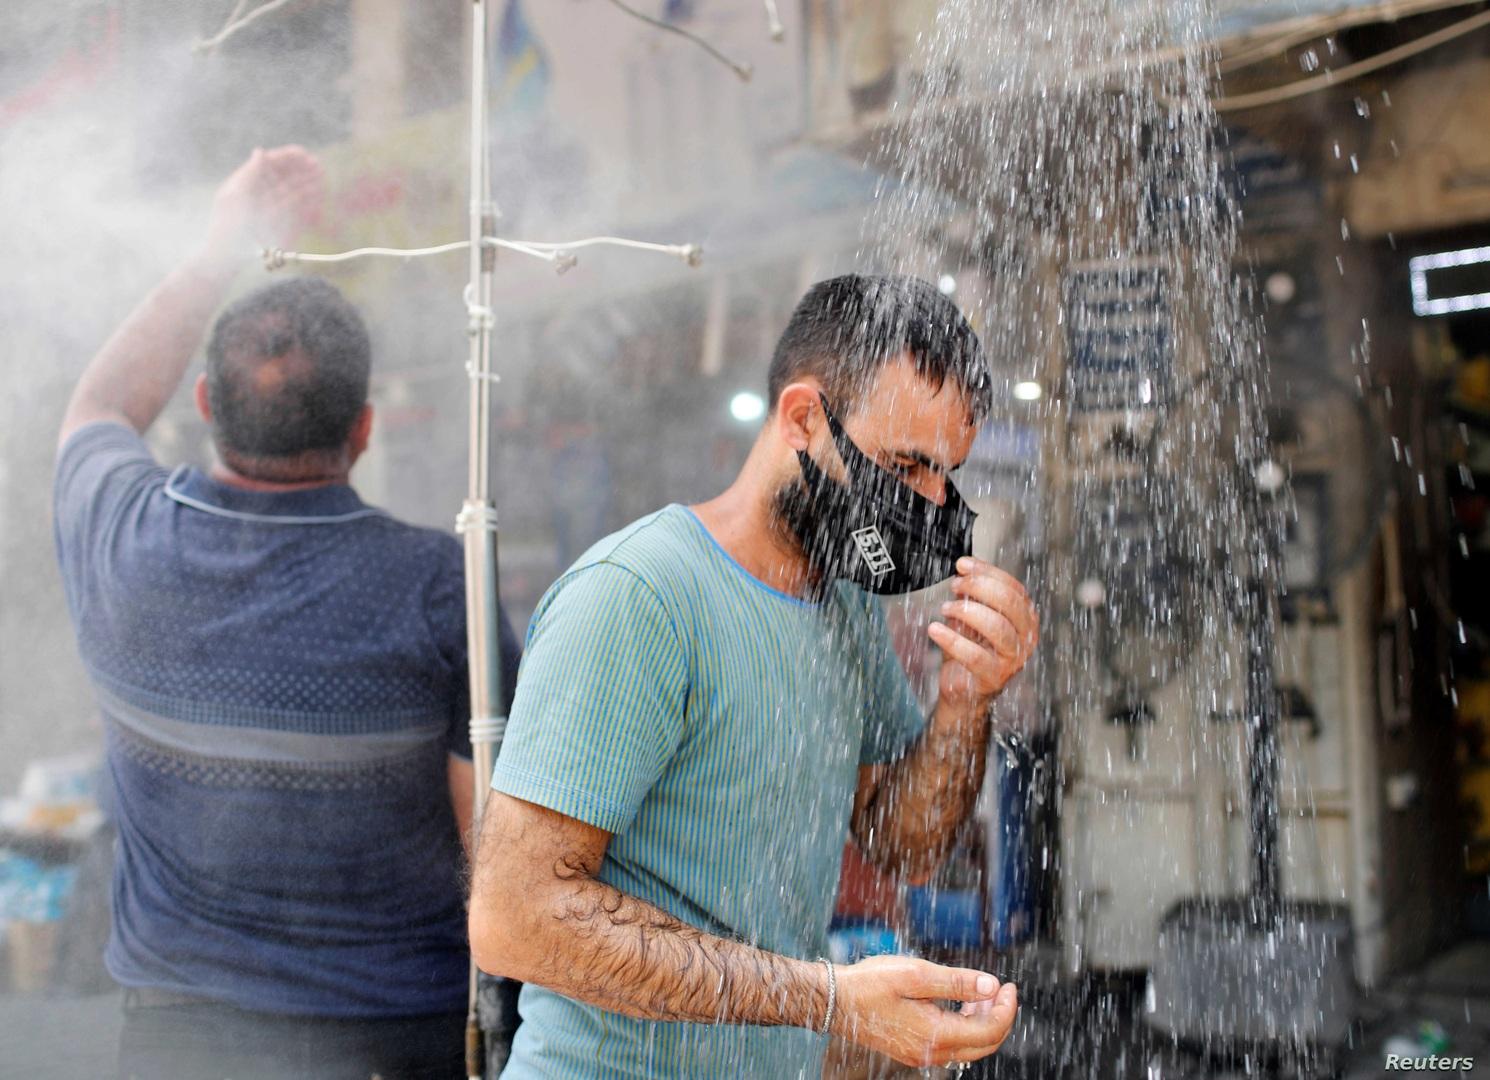 ستصل إلى 50 درجة مئوية.. ارتفاع درجات الحرارة يفاقم معاناة العراقيين